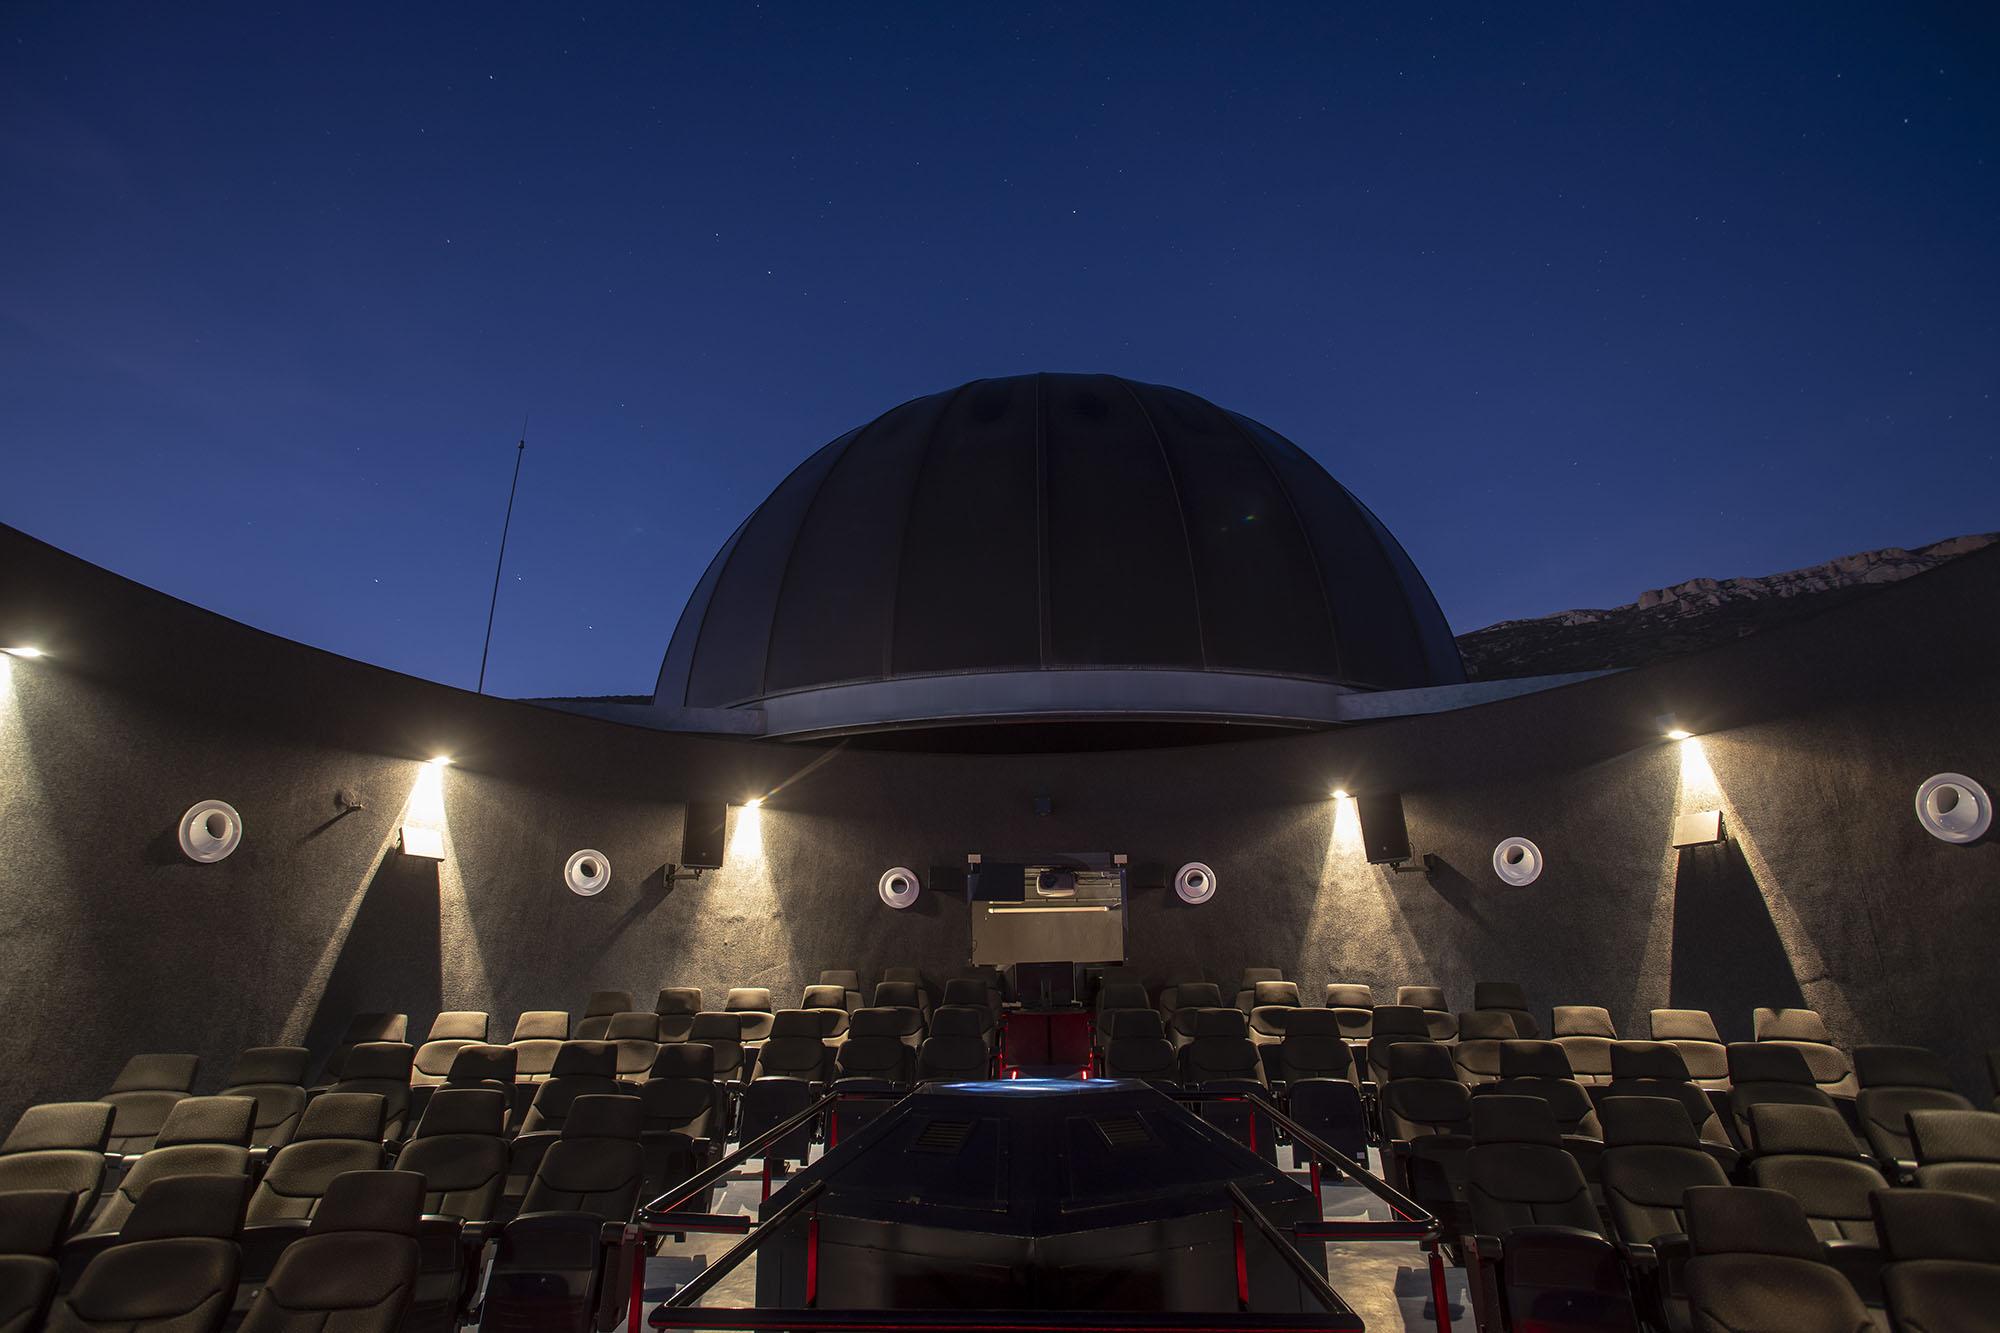 Planetari 'Ull del Montsec' Parc Astronòmic Montsec